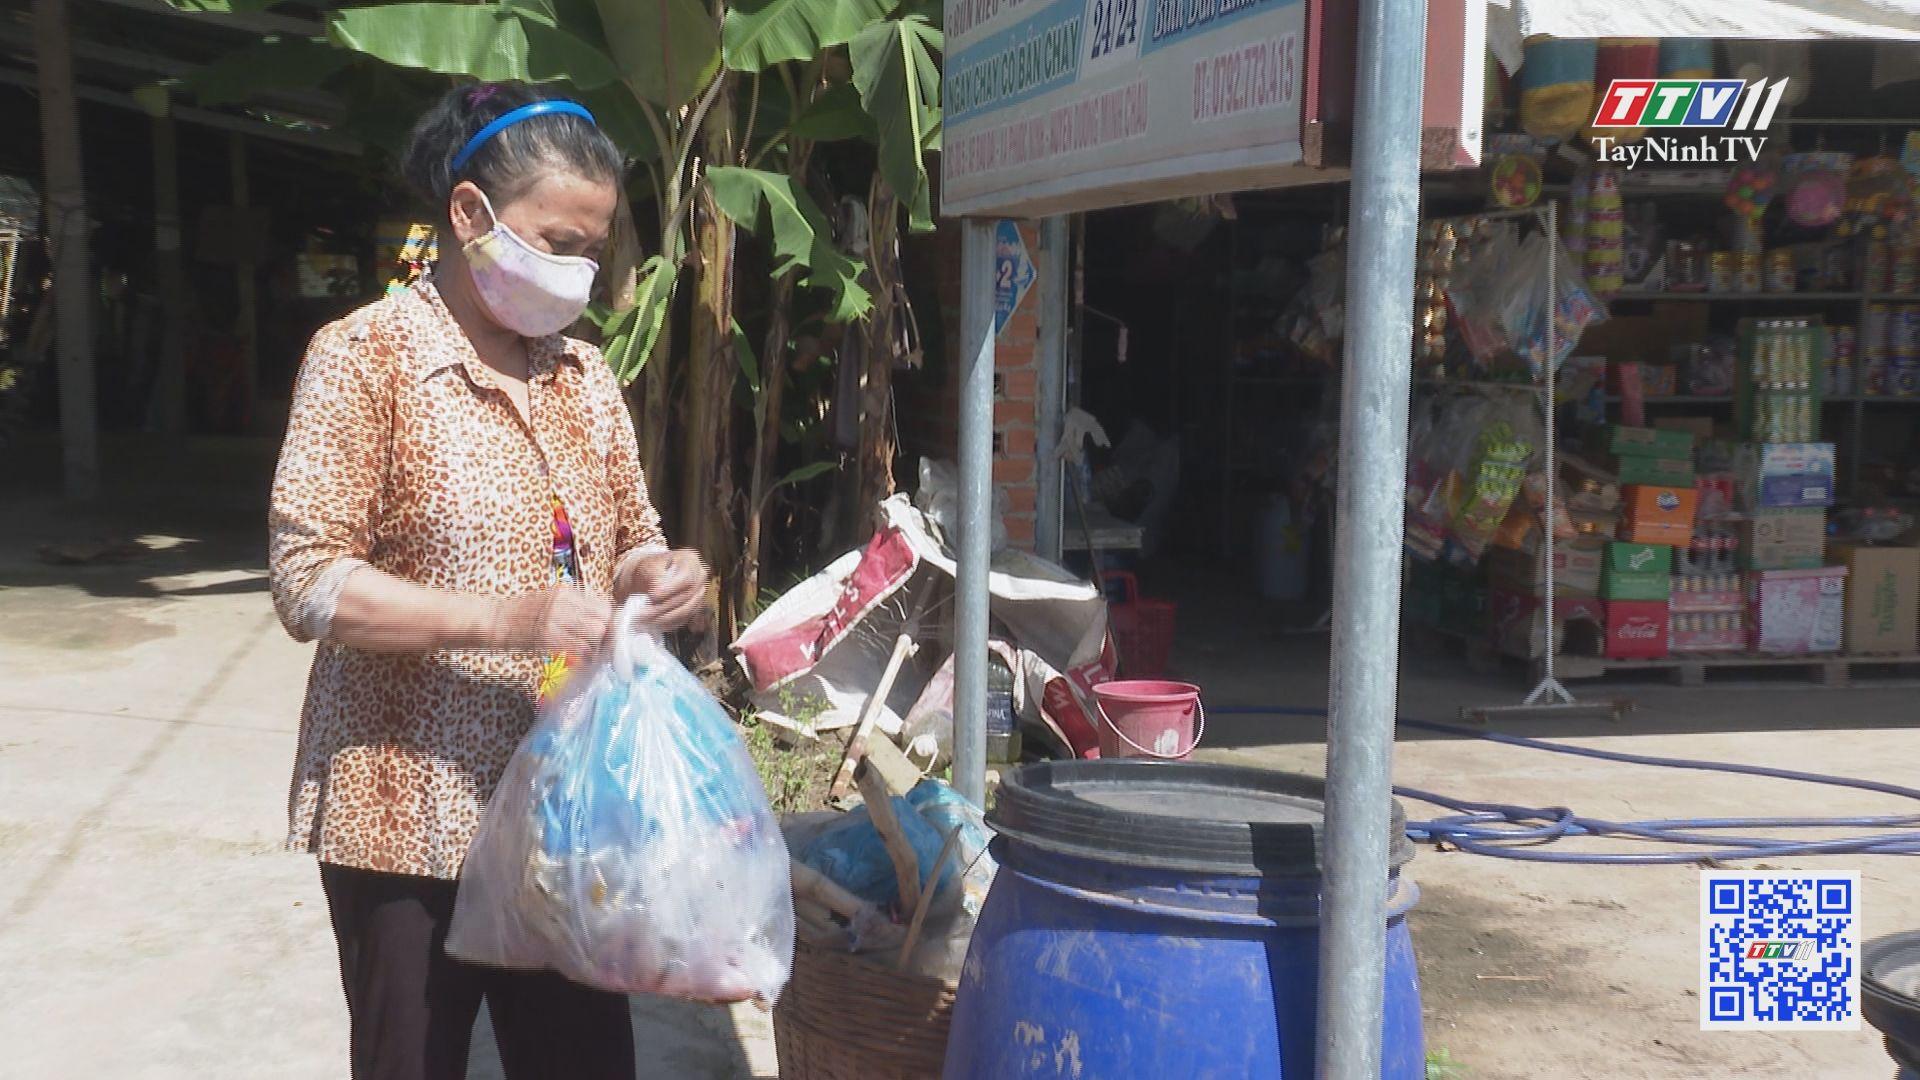 Thu gom rác thải sinh hoạt những mô hình hay và cách làm hiệu quả | TIẾNG NÓI CỬ TRI | TayNinhTV